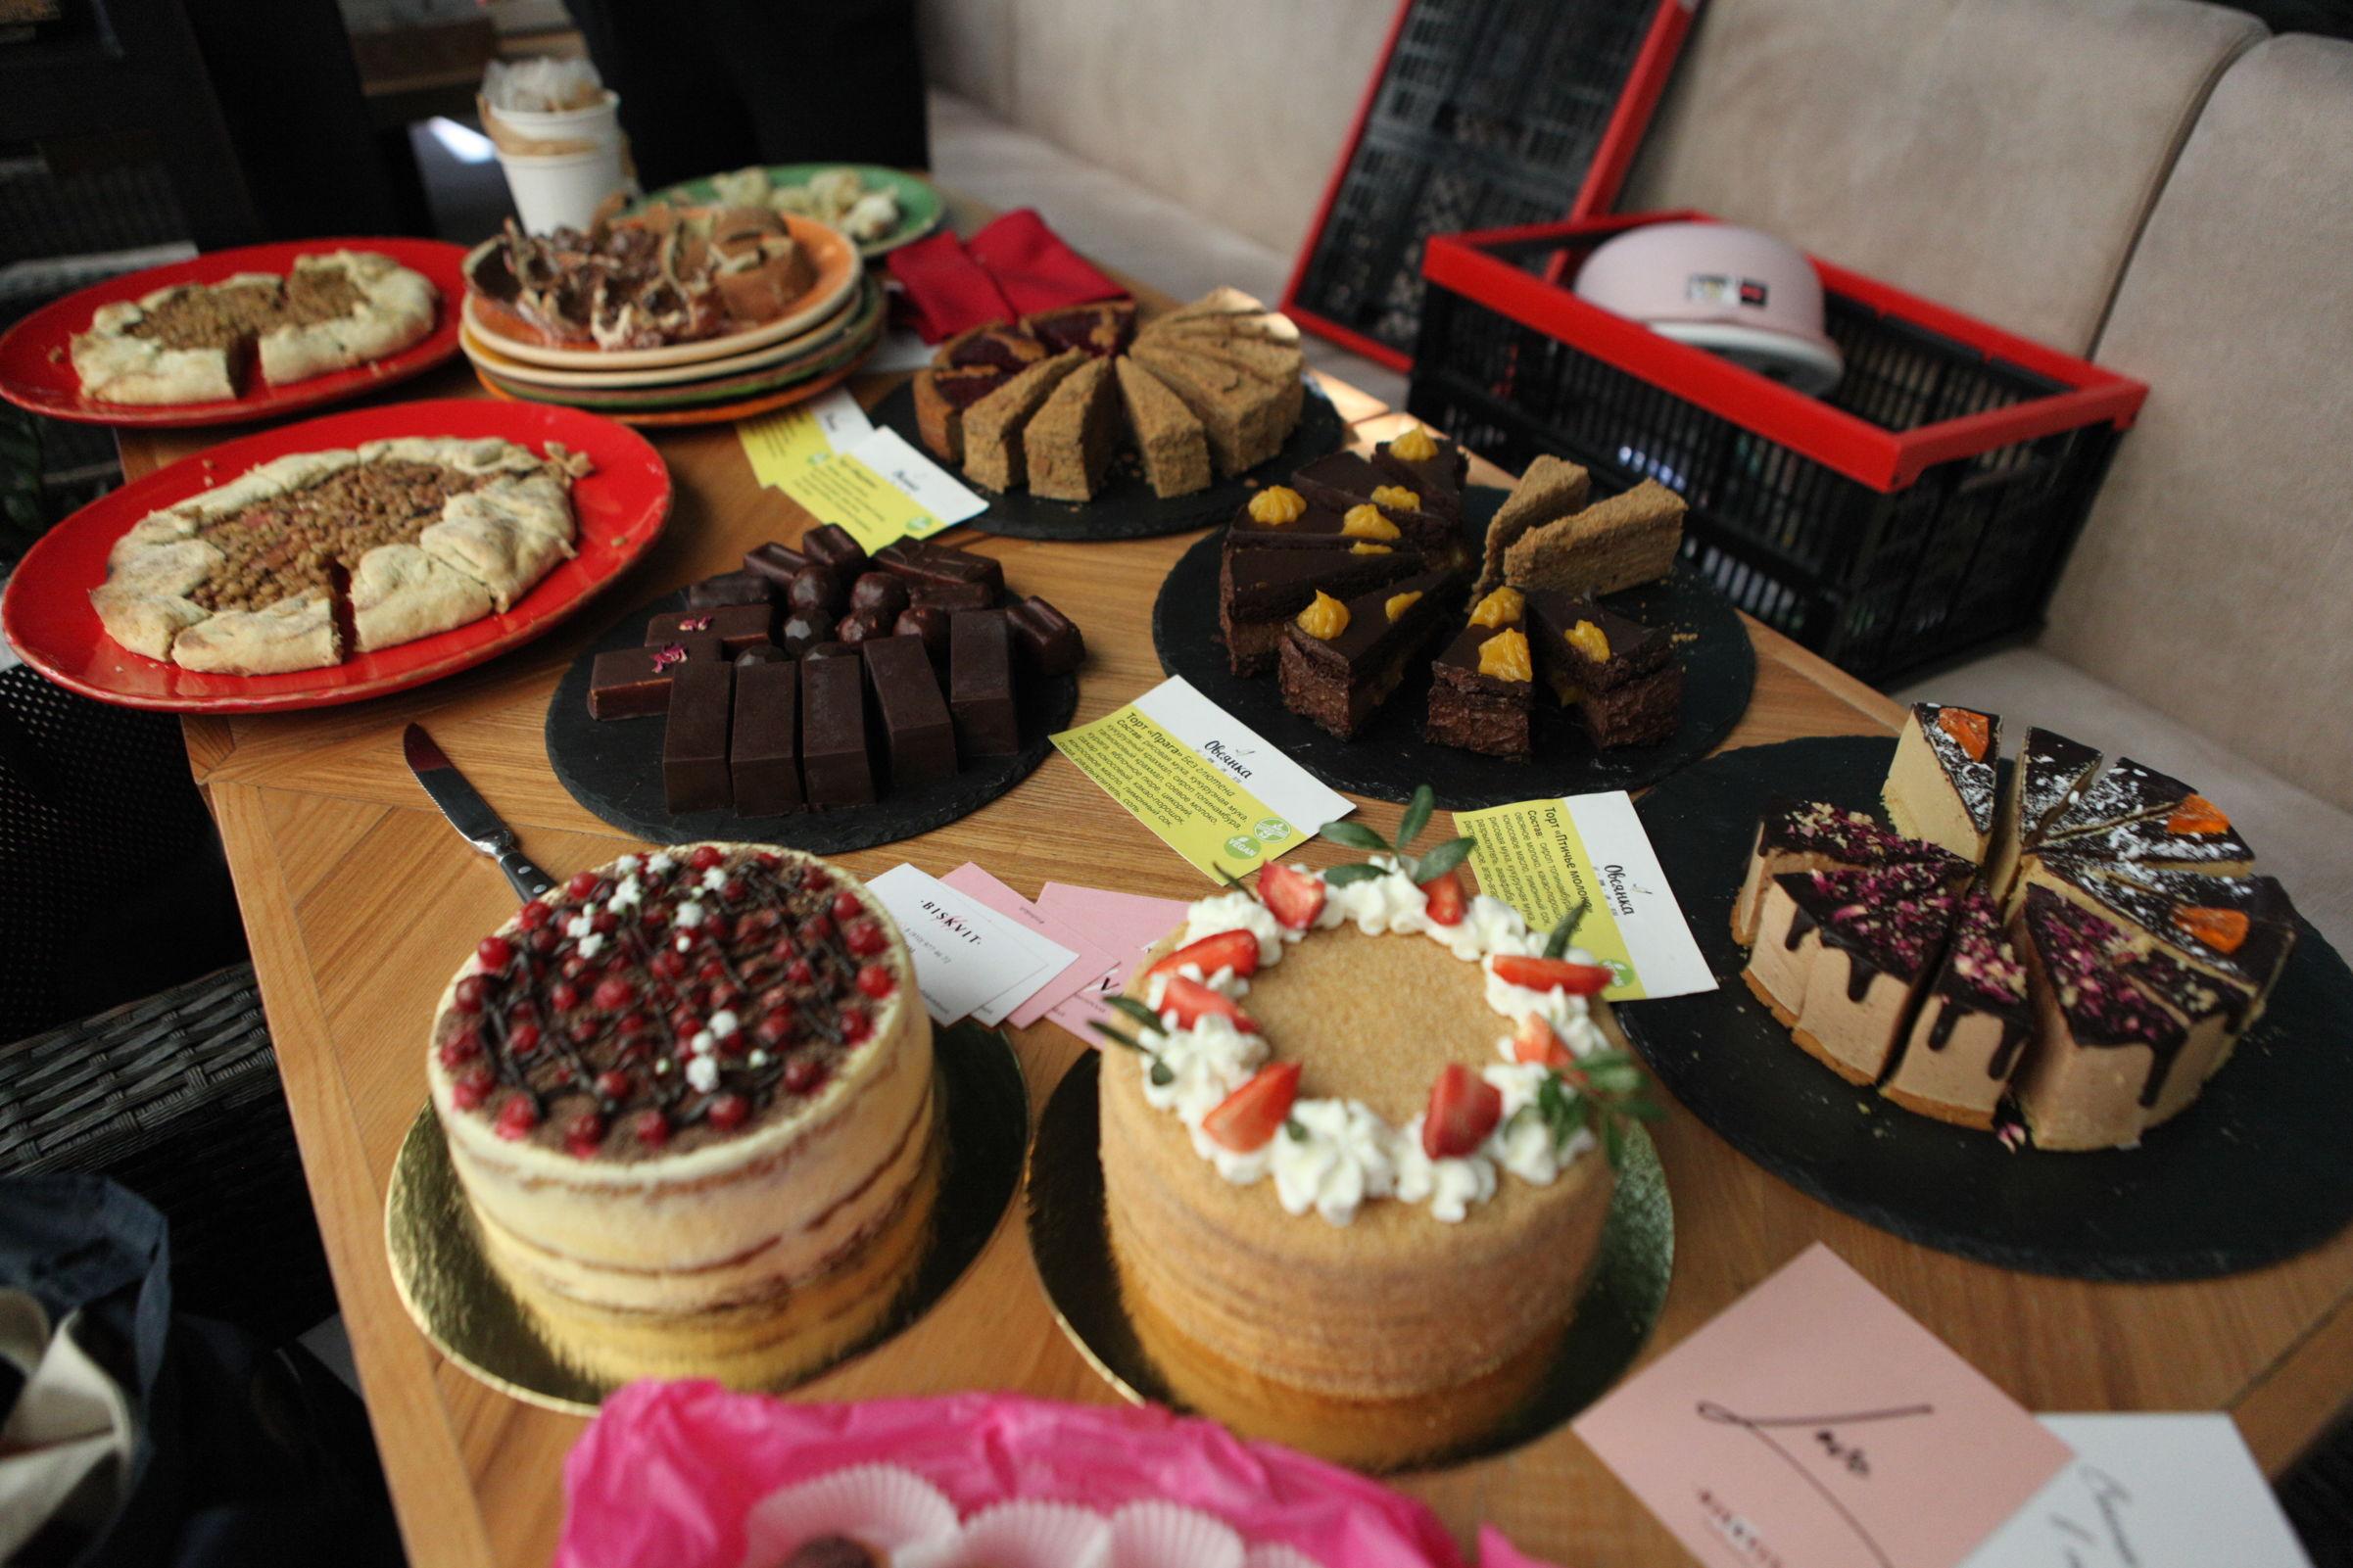 Первомайская еда – на Первомайском бульваре. Уникальные блюда представят на стритфуд-фестивале в Ярославле